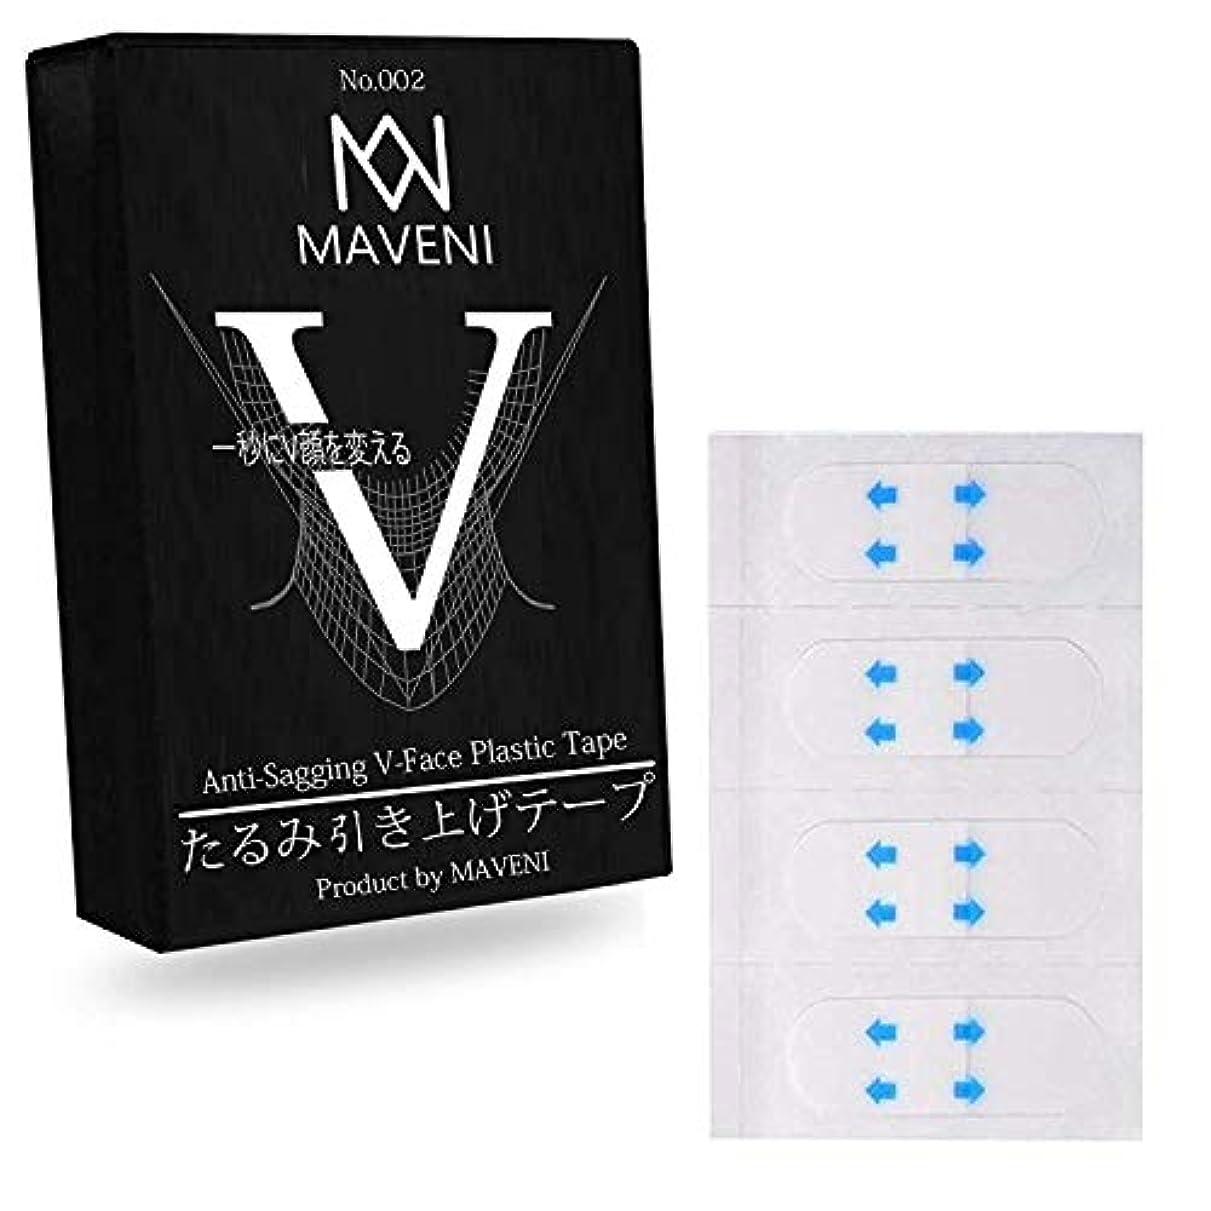 コートウェーハ代表MAVENIリフトアップテープ 小顔テープ ほうれい線 小顔 60枚入り【超強力テープでコスプレにも最適】